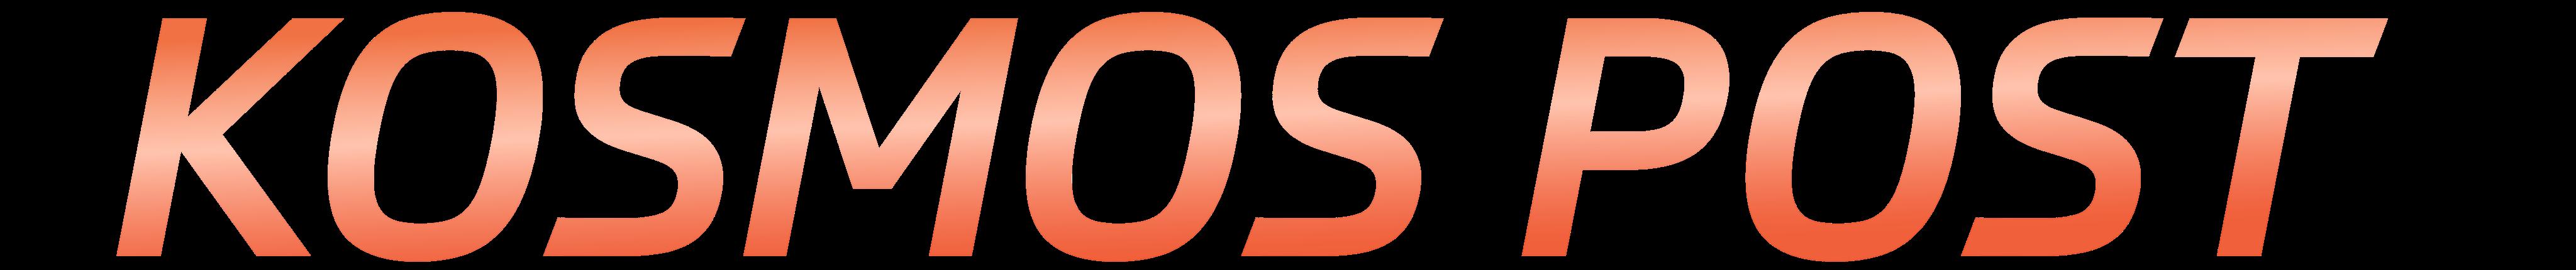 KOSMOS POST